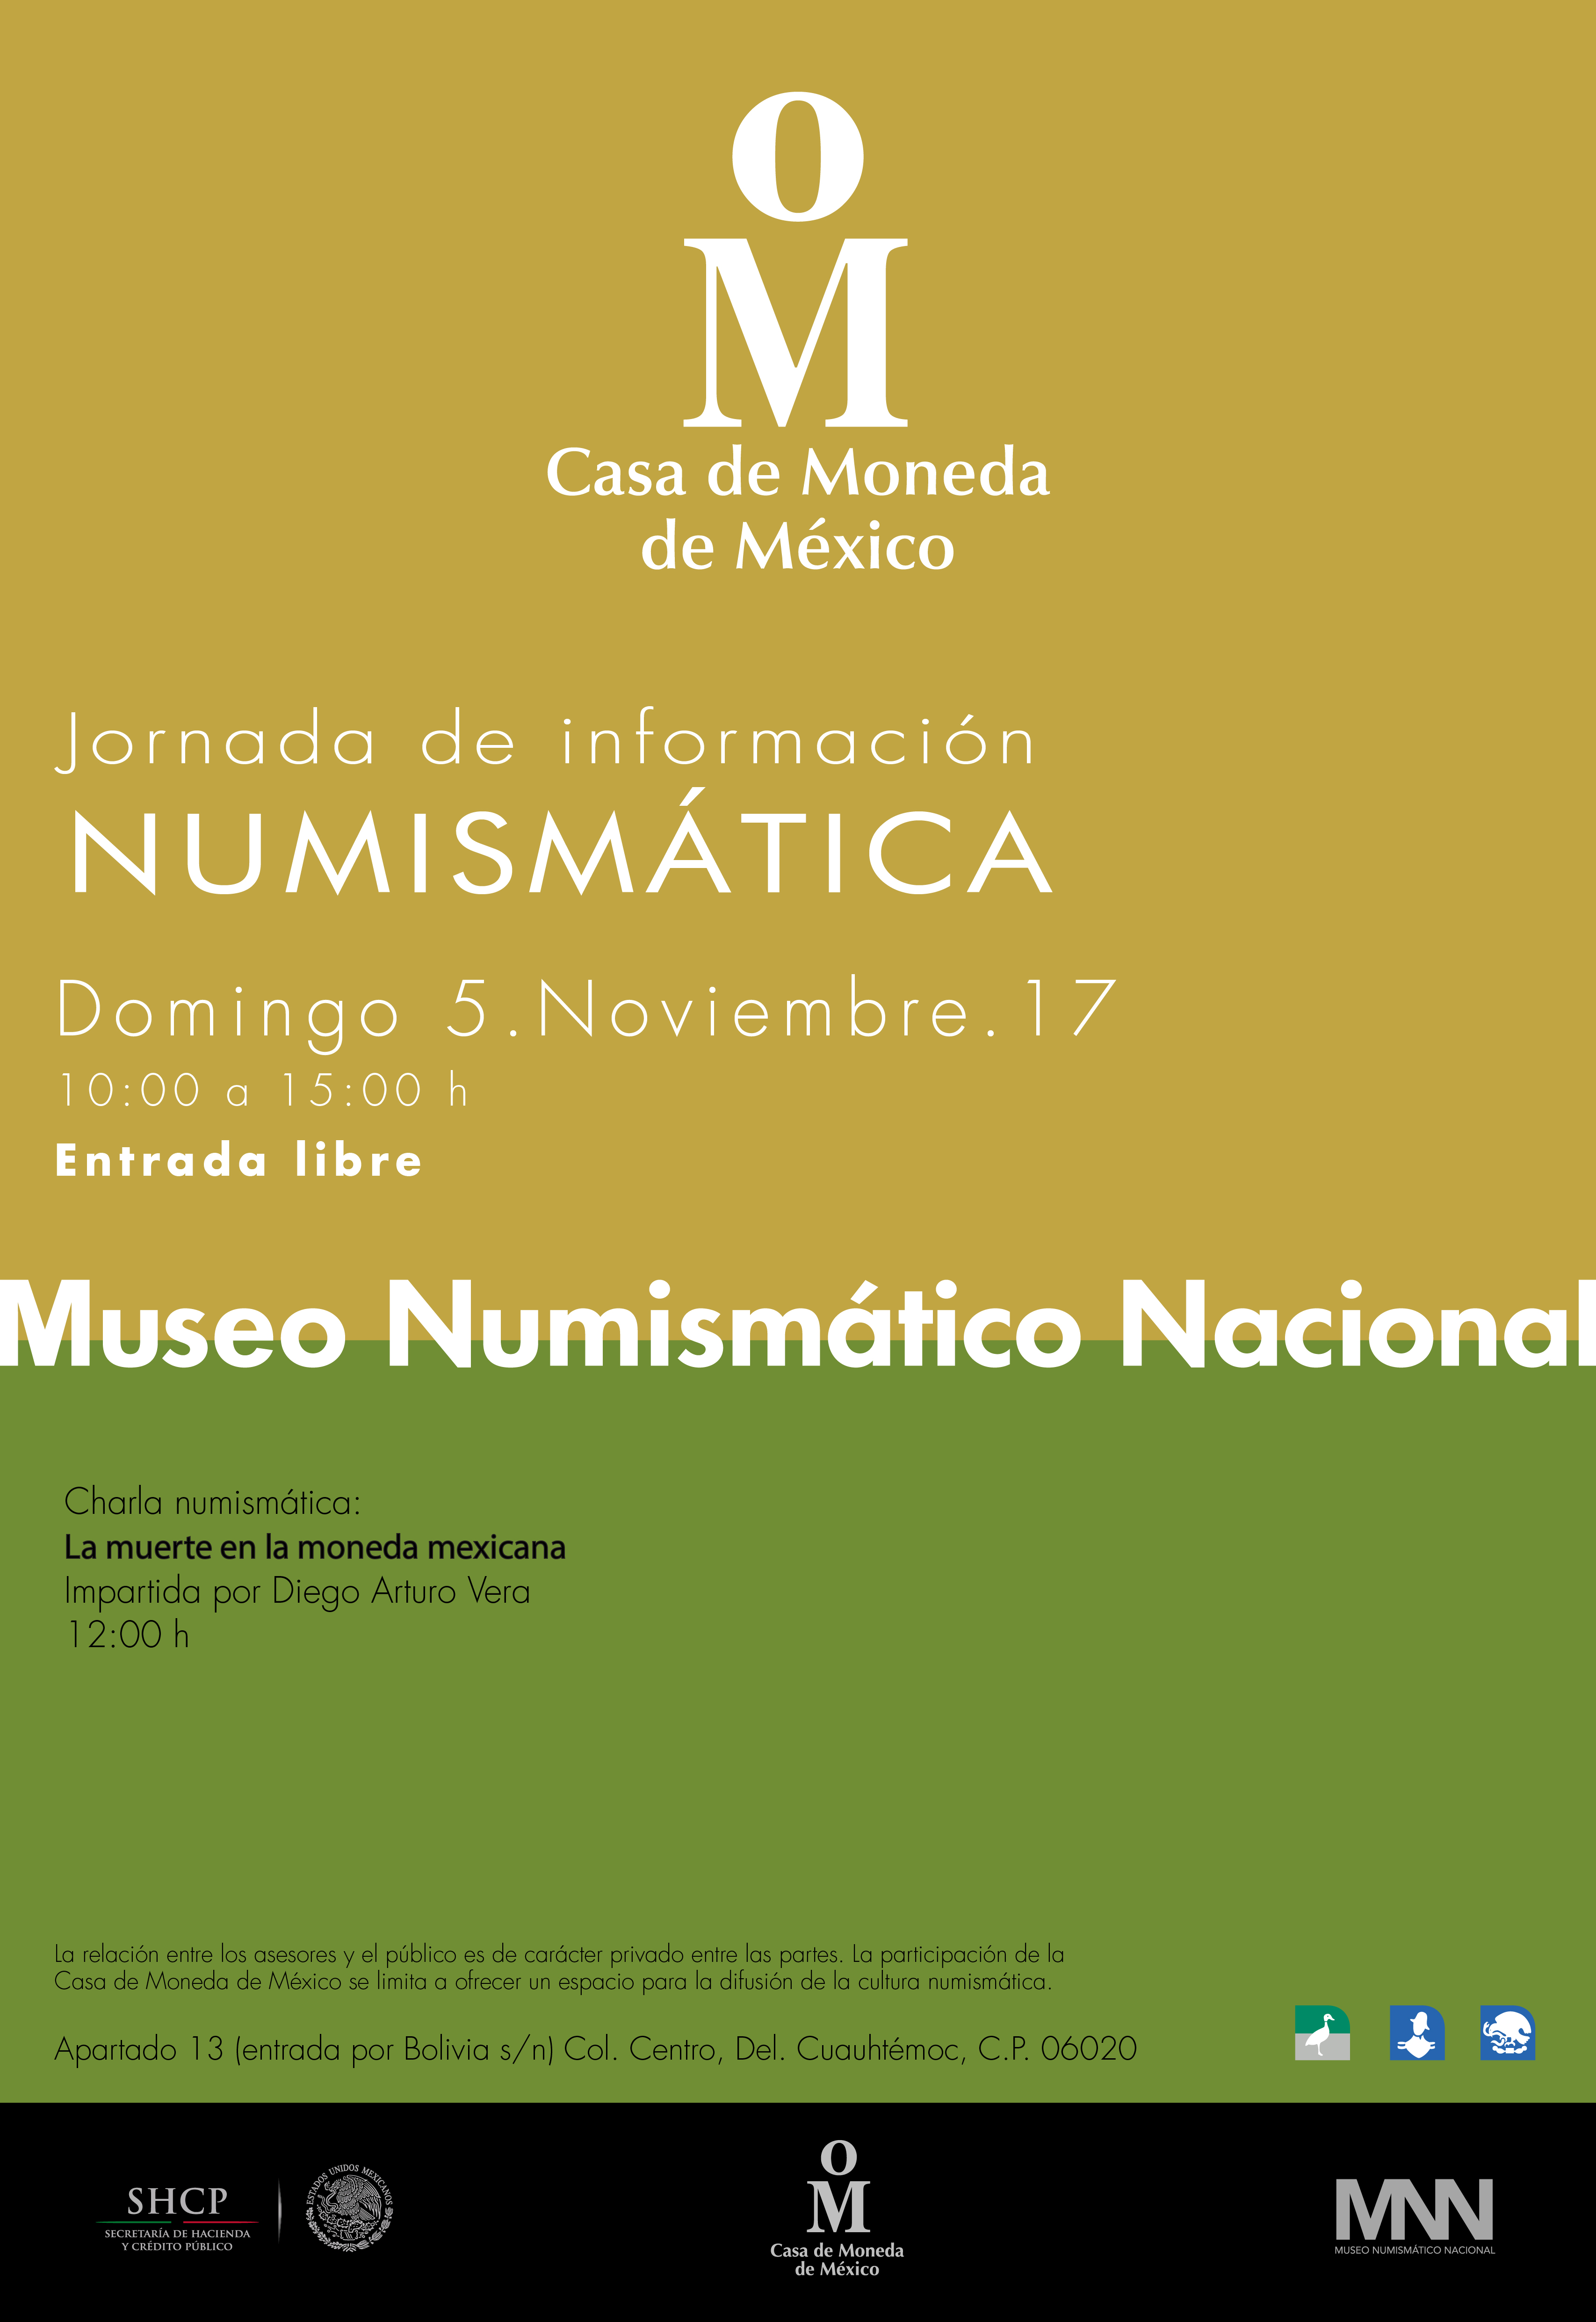 Jornada de Información Numismática de noviembre